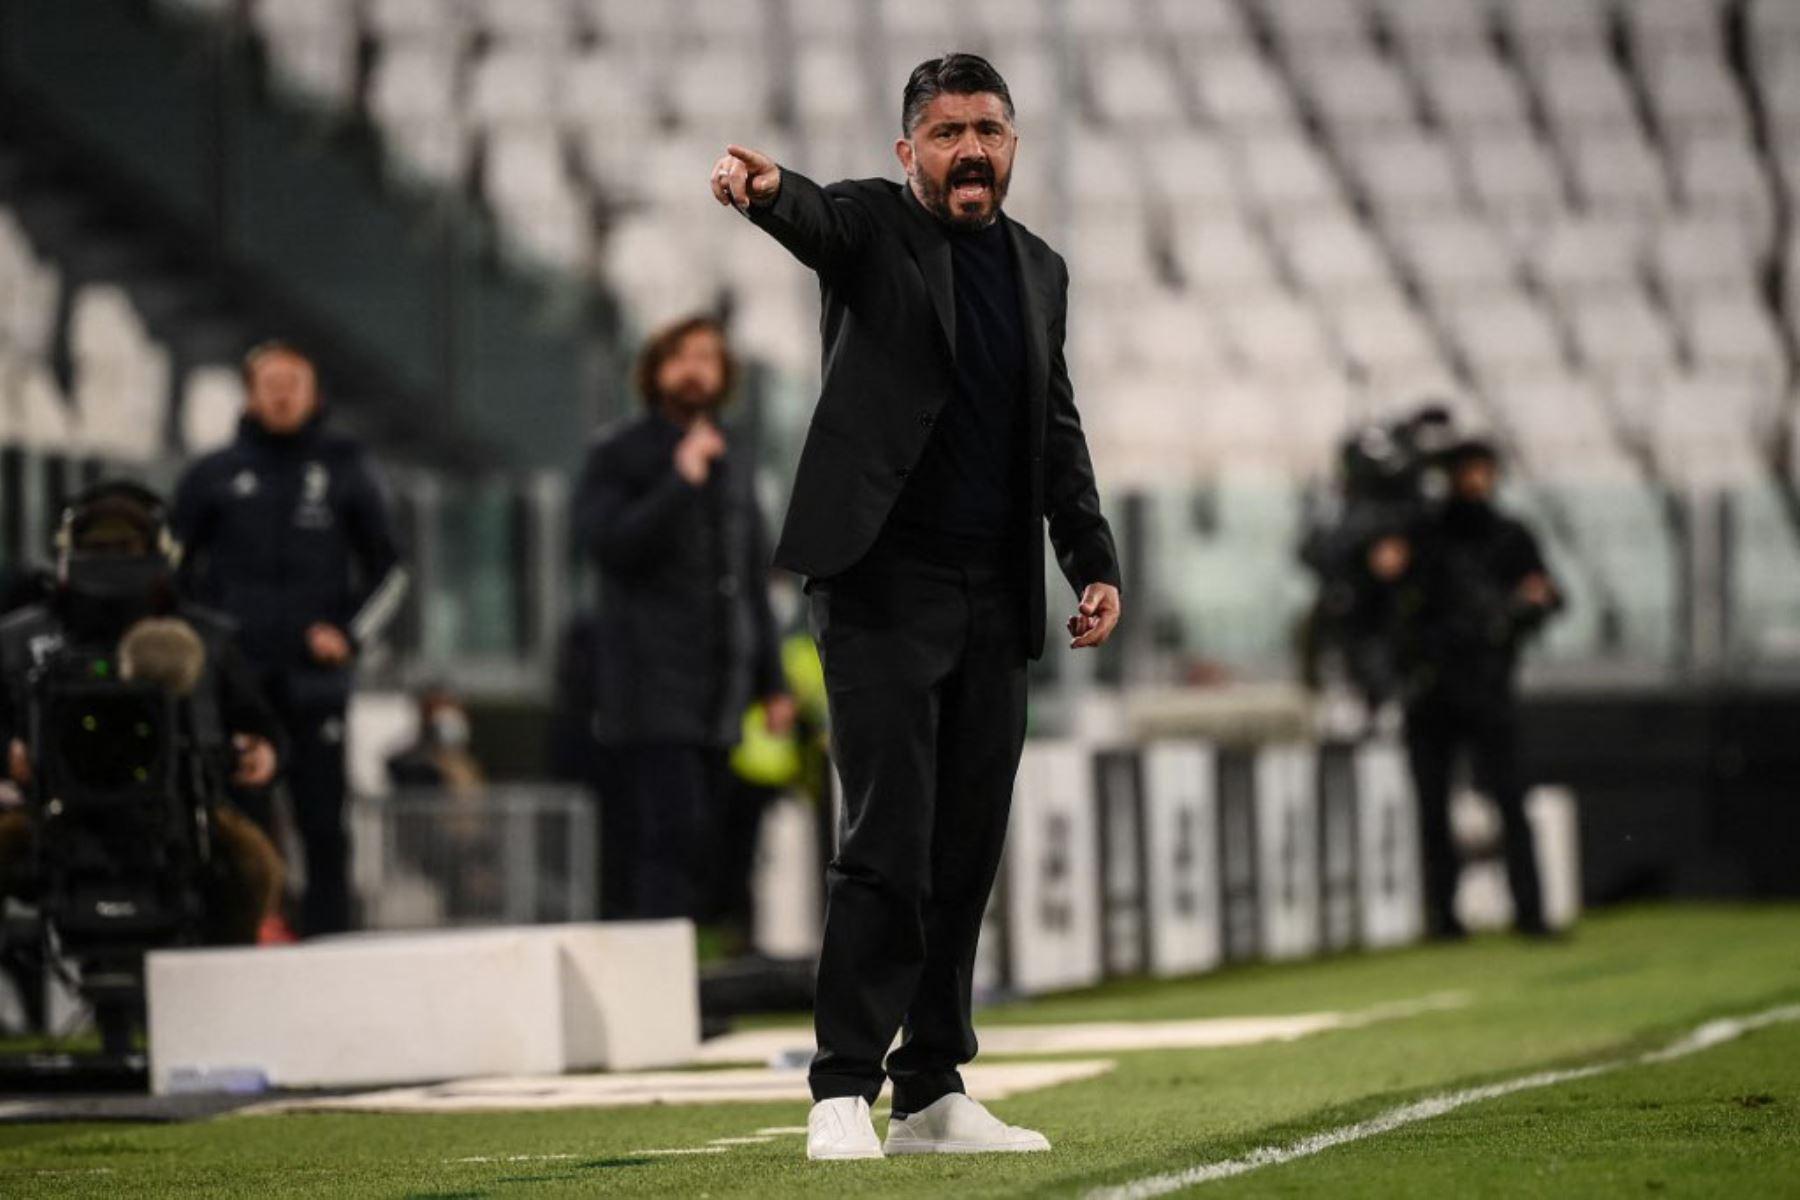 El entrenador italiano del Napoli Gennaro Gattuso da instrucciones durante el partido de fútbol de la Serie A italiana Juventus vs Napoli.  Foto:AFP